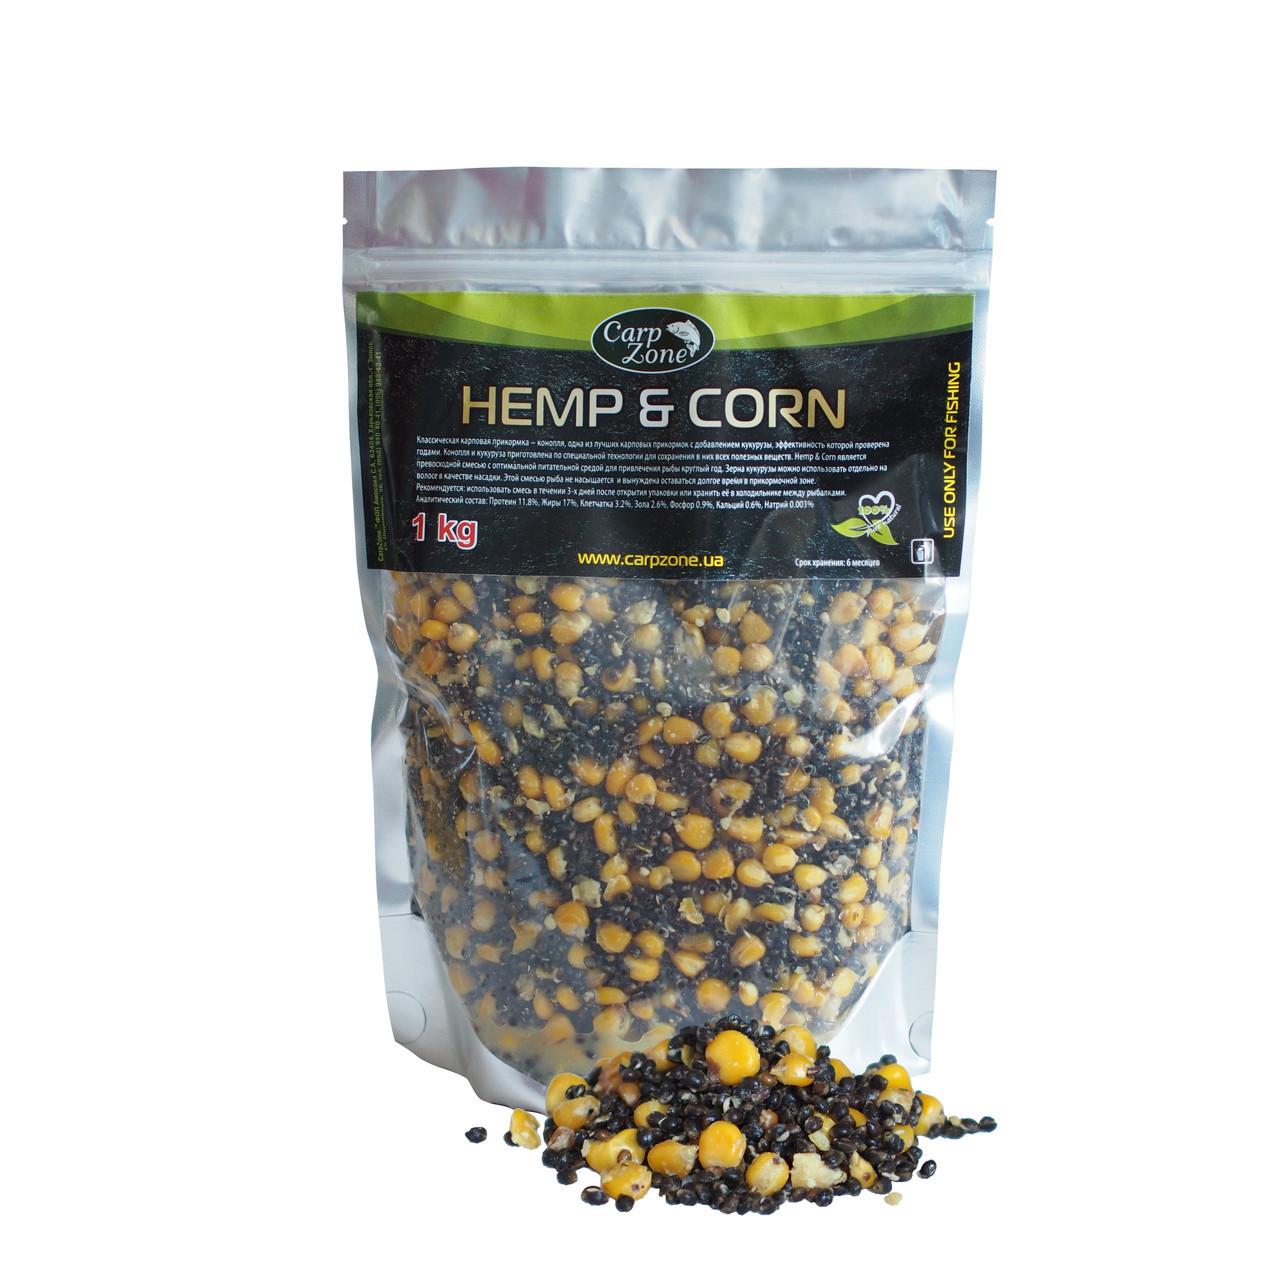 Готовая конопля и кукуруза Hemp & Corn 1kg